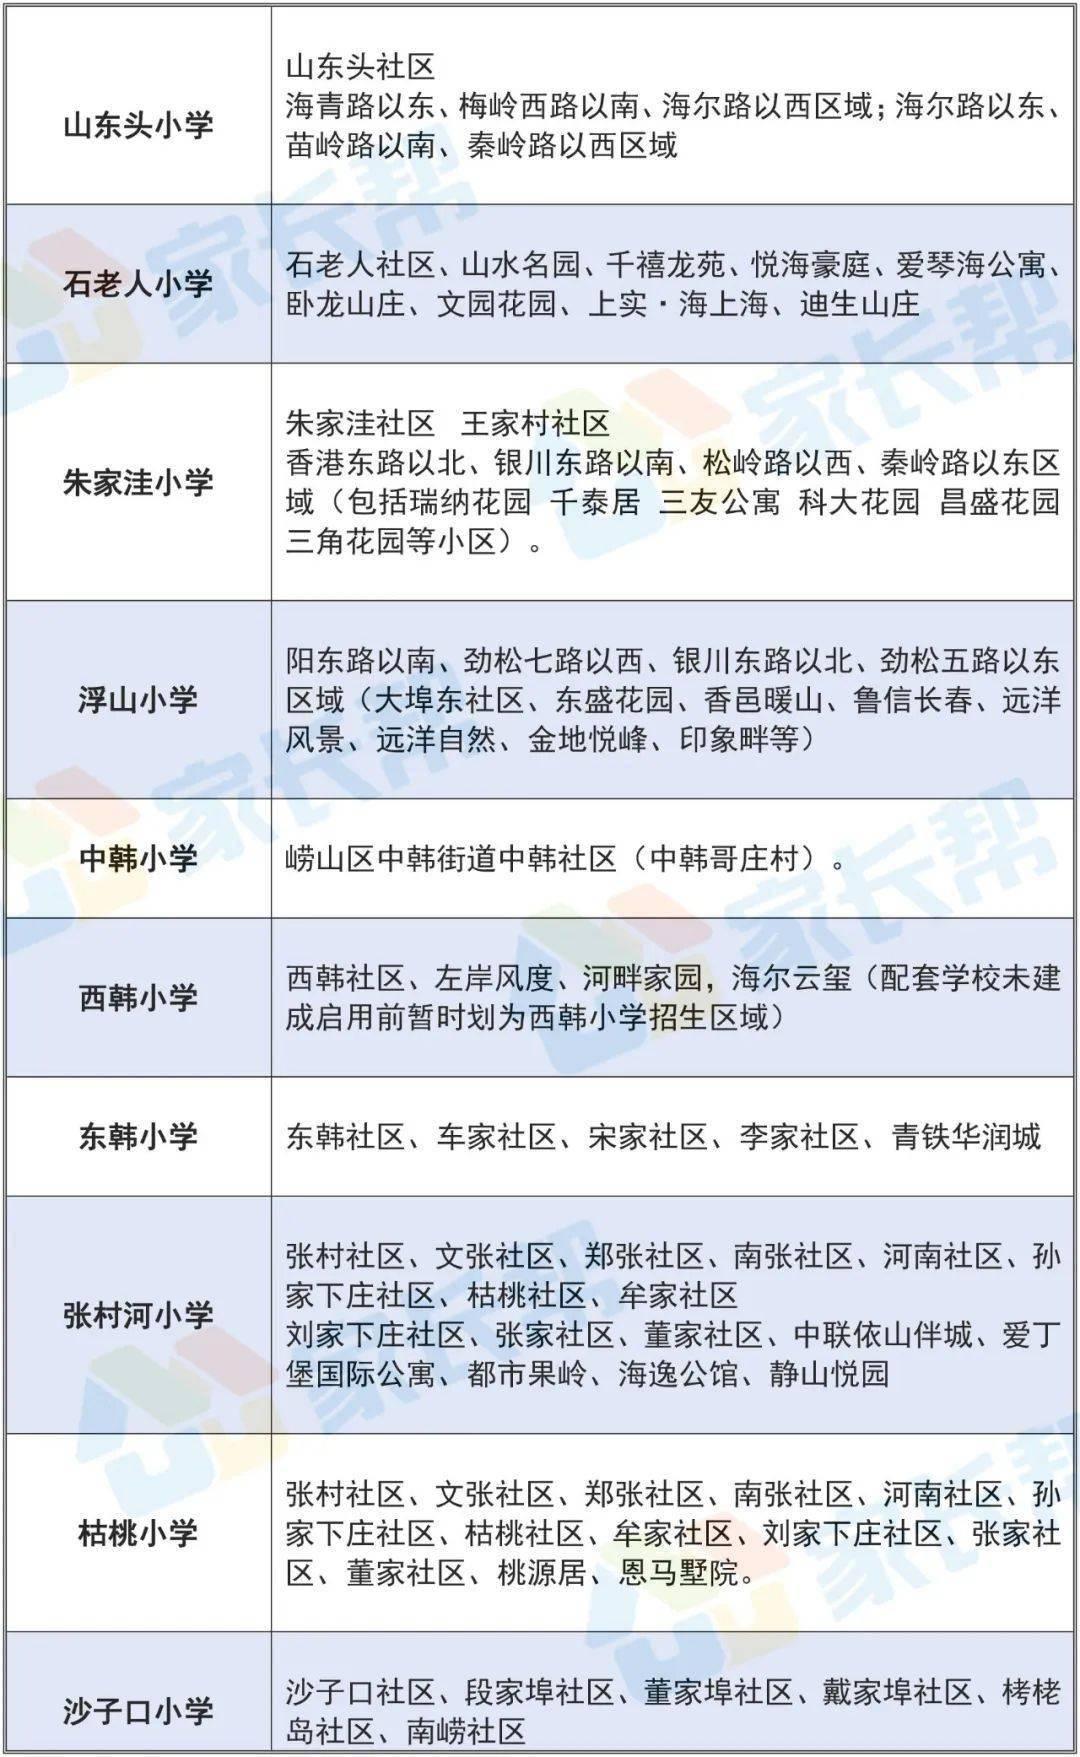 崂山育才人数居首!2020青岛崂山区中小学招生录取情况公示!附招生政策解读  第4张